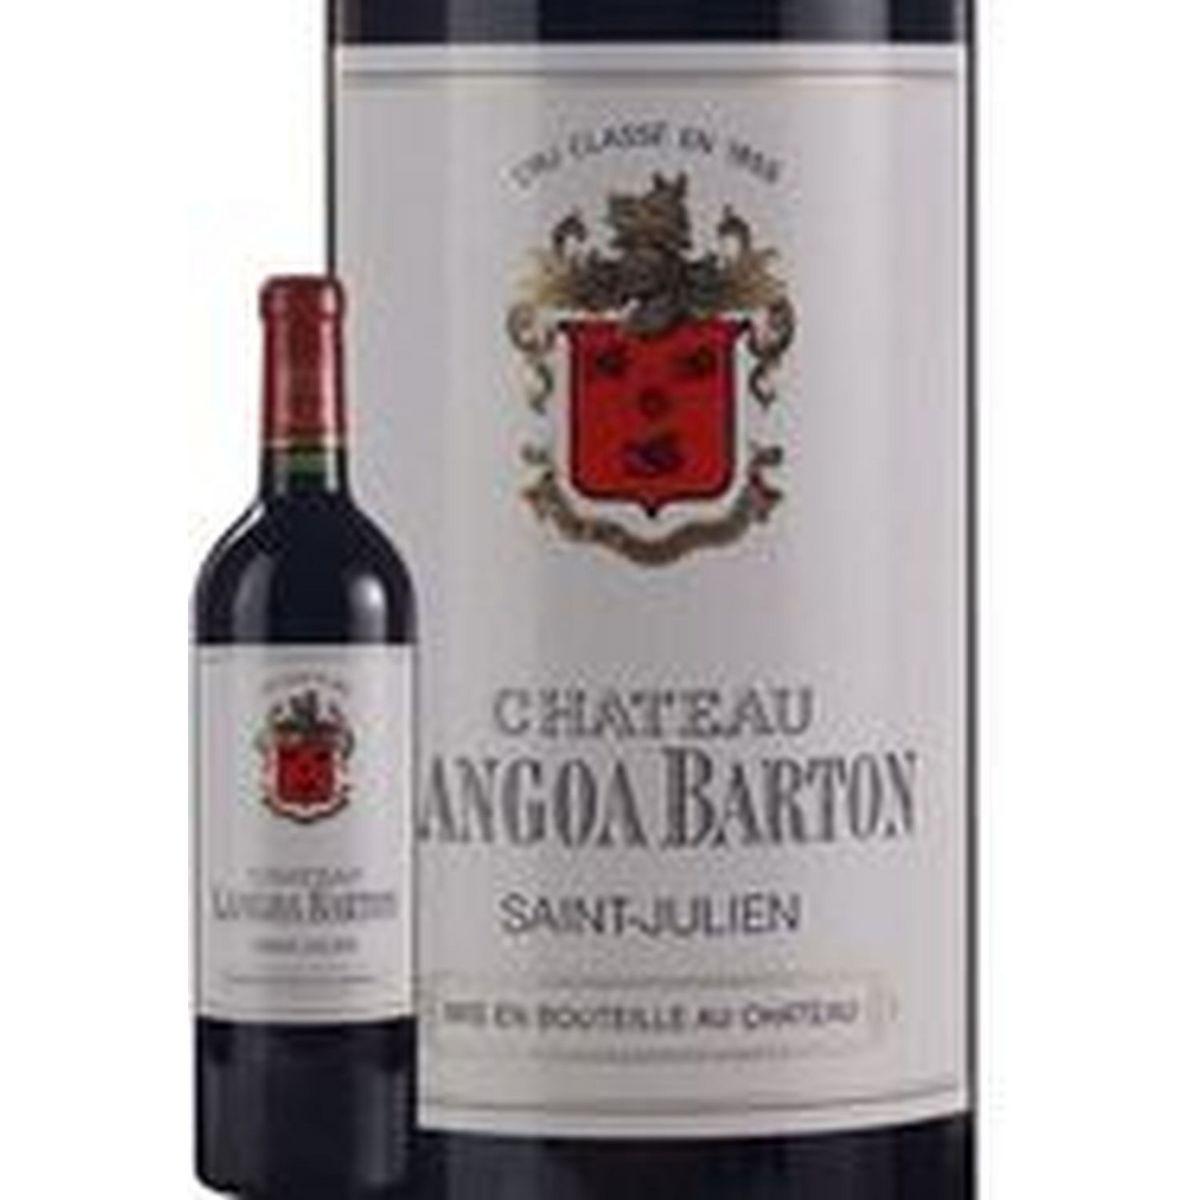 AOP Saint-Julien Grand Cru Classé Château Langoa Barton rouge 2015